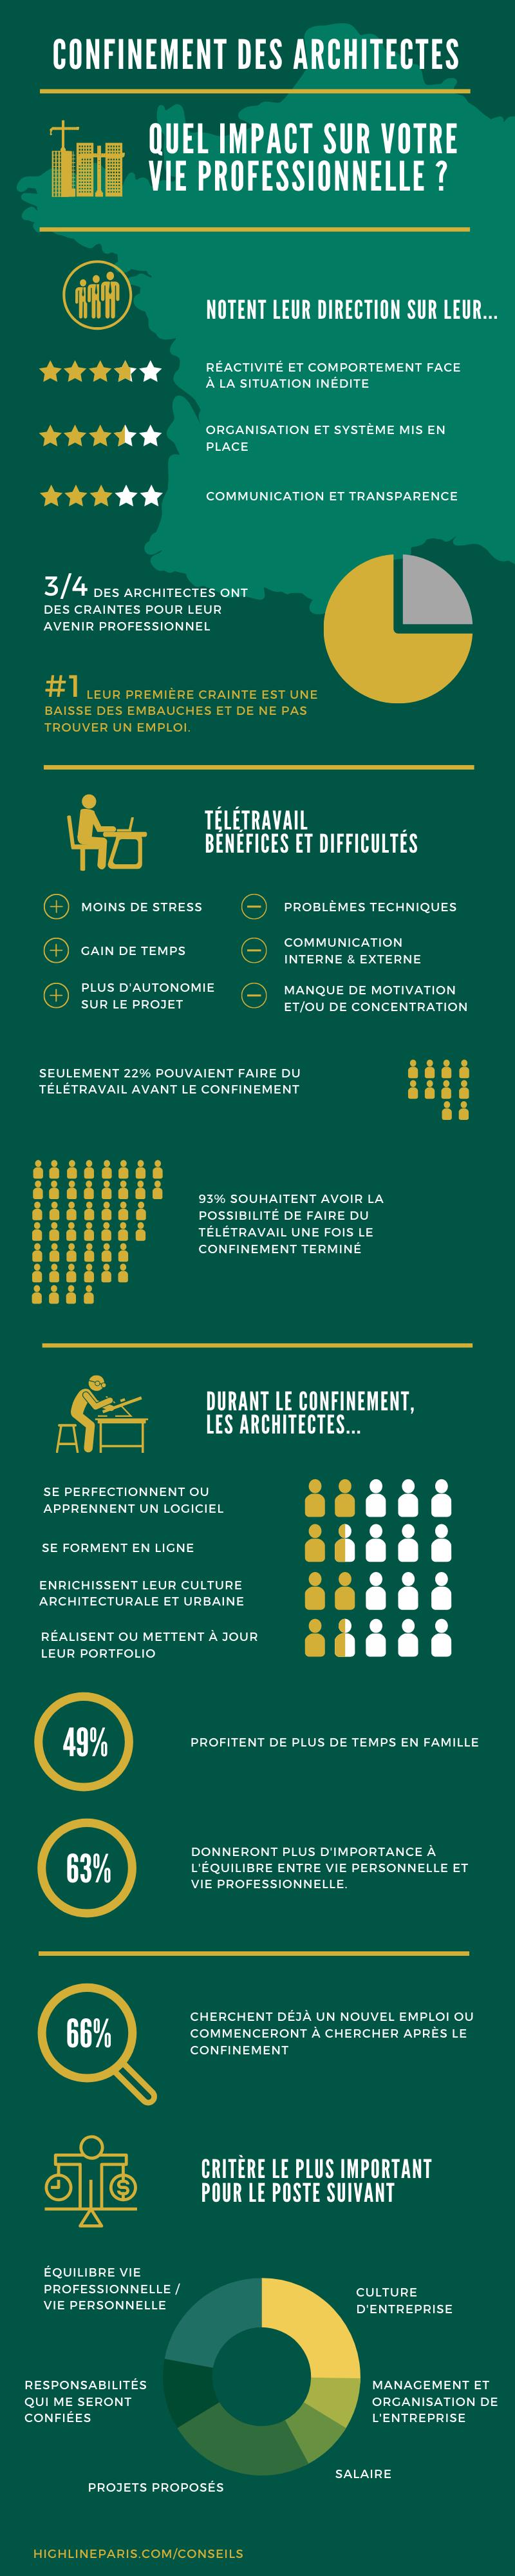 Highline Paris - Quel impact sur votre vie professionnelle